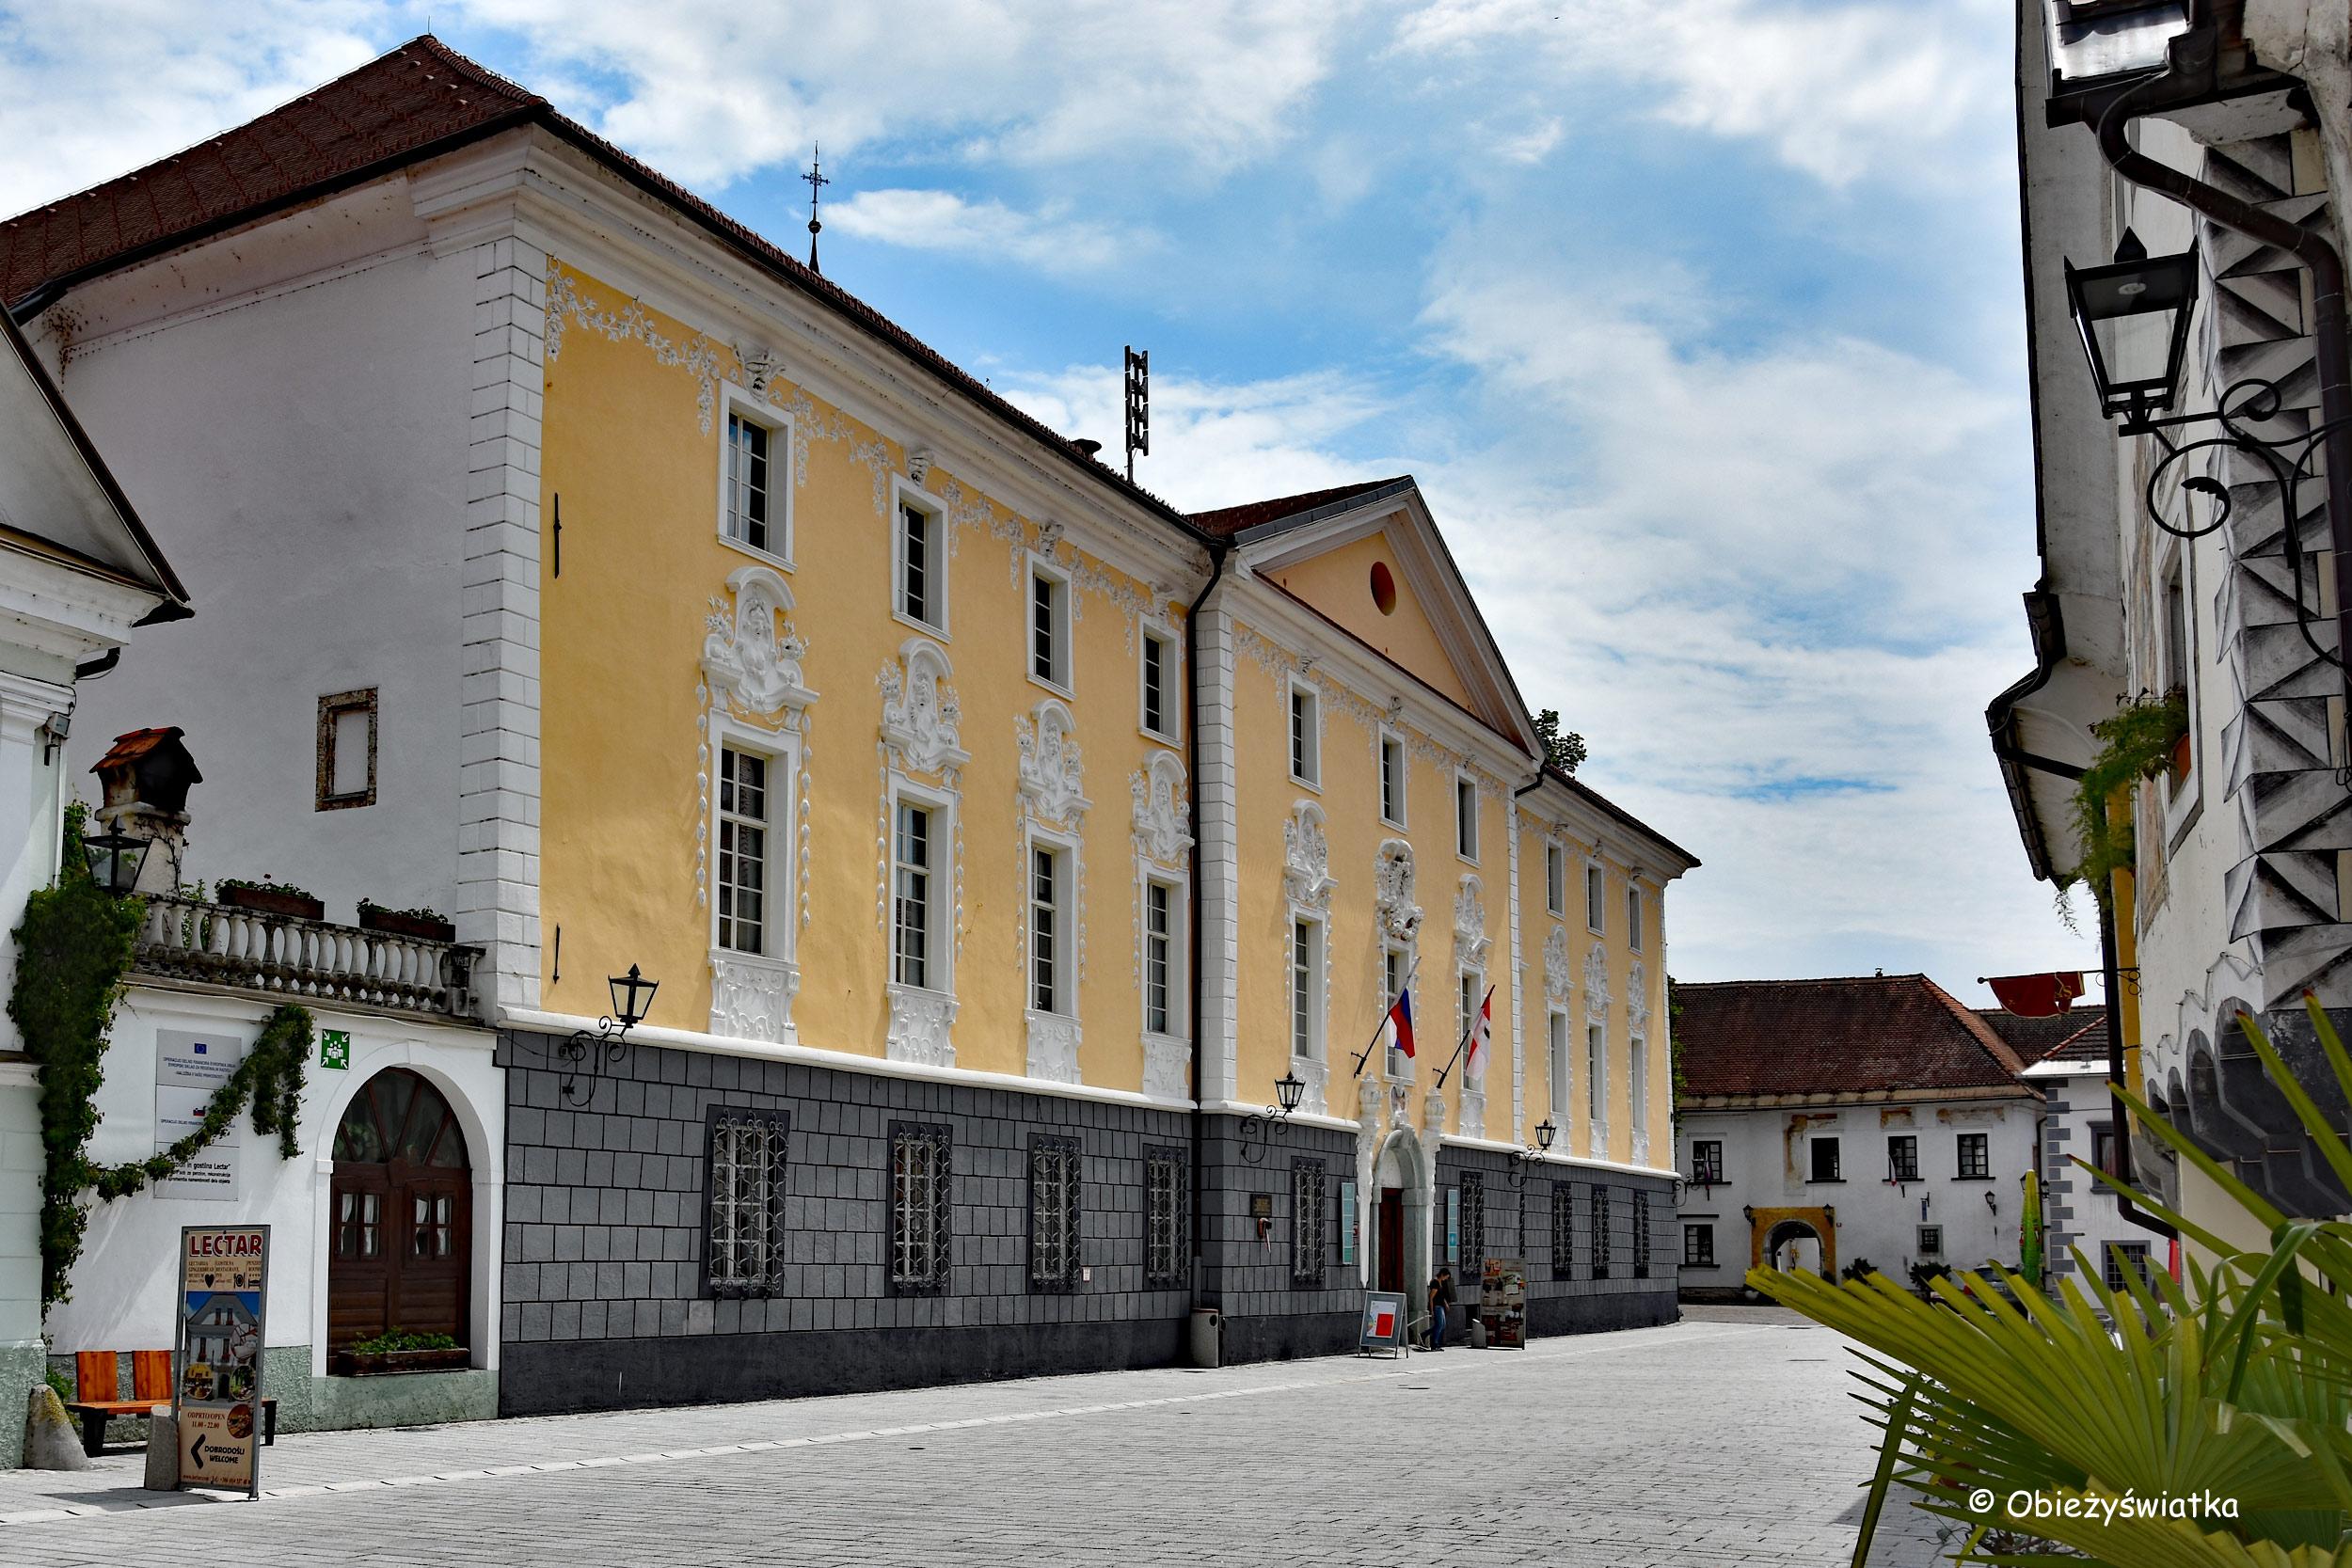 Zamek w Radovljicy, Słowenia